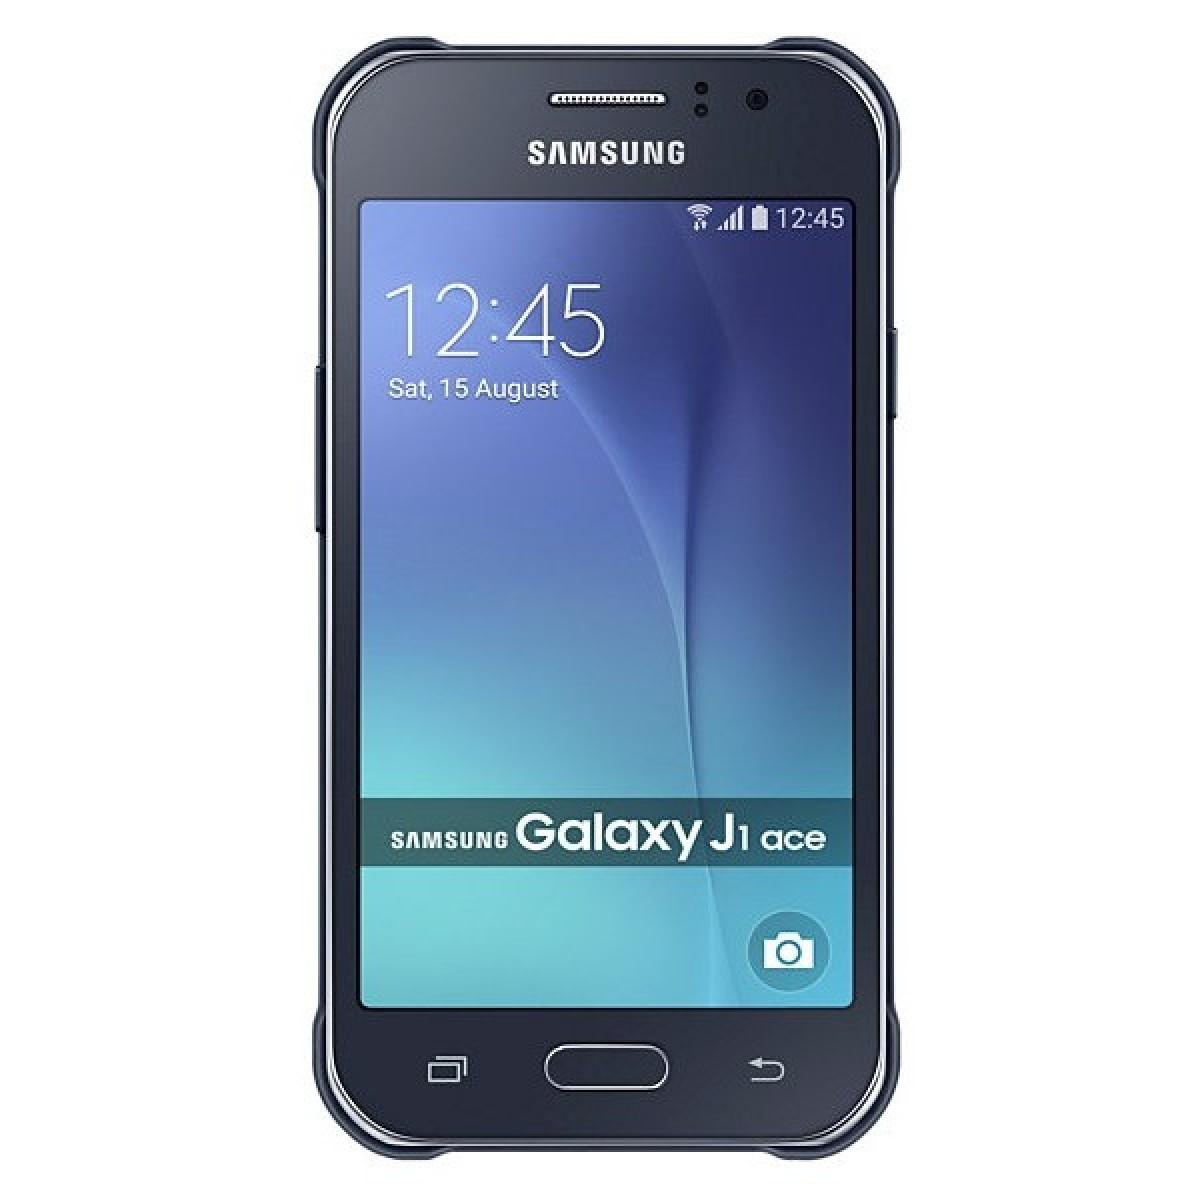 SAMSUNG - Smartphone Galaxy J1 Ace 4G prix tunisie